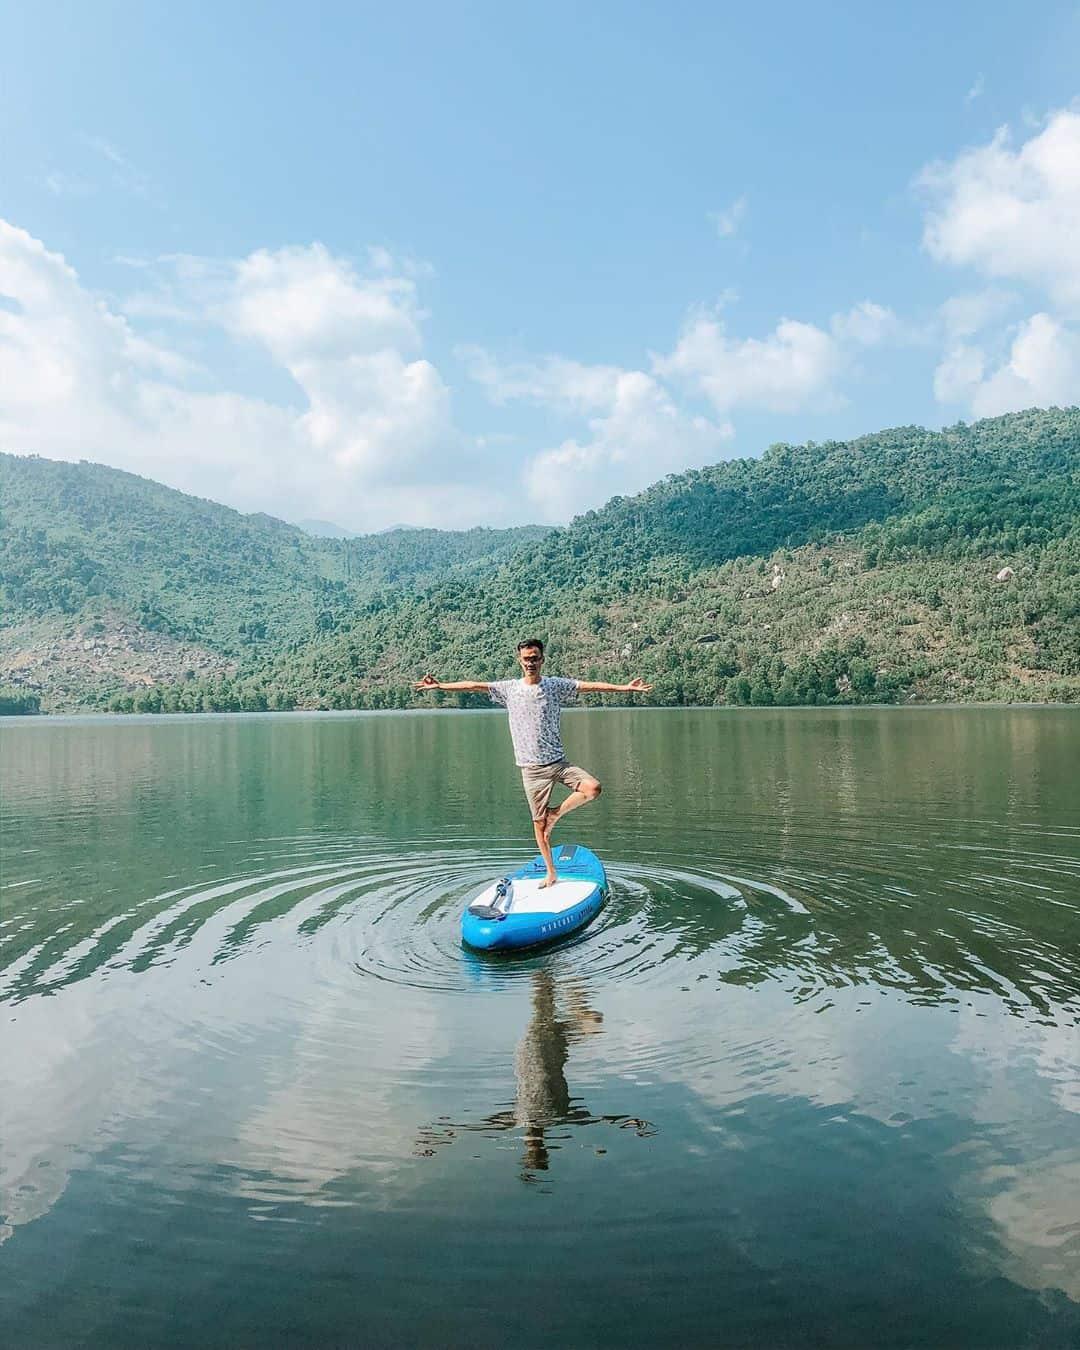 Thử thách chèo Sup giữa hồ. Hình: @hung_tran26